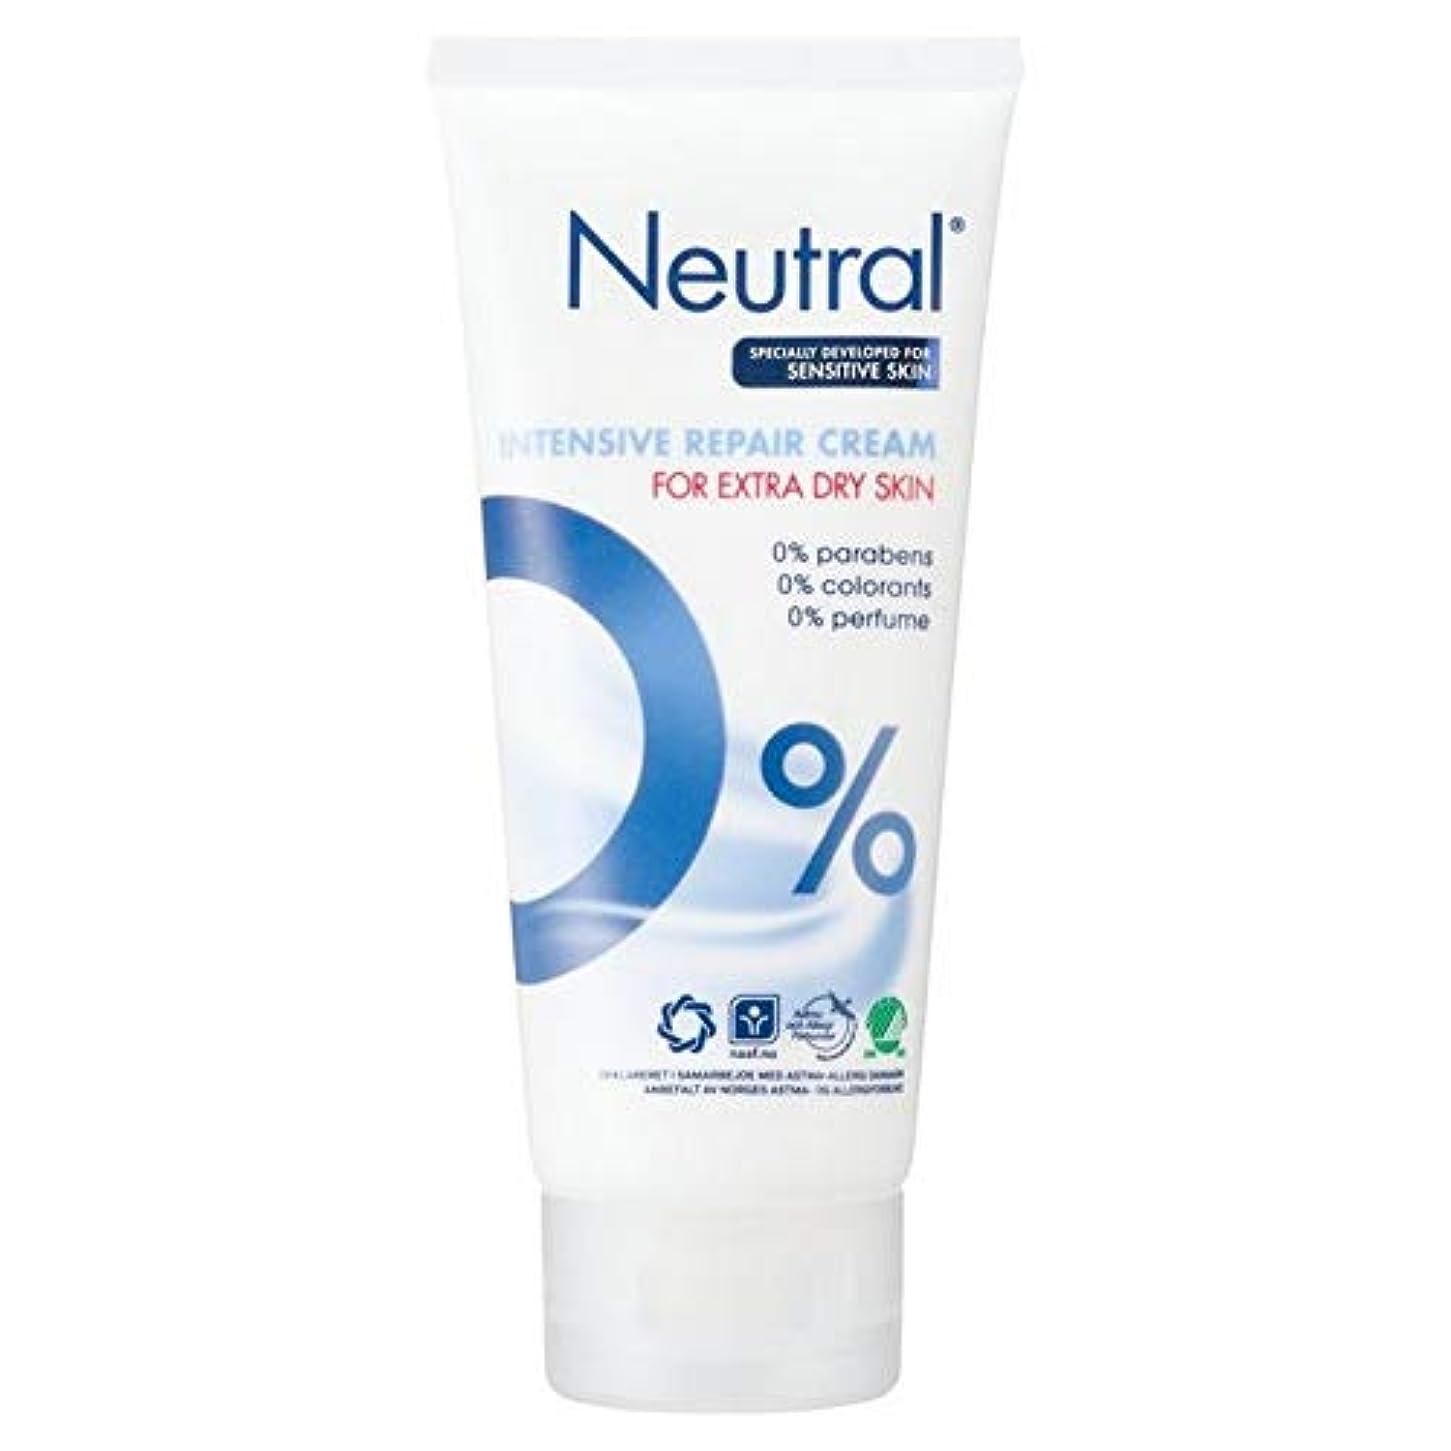 ベルト鳥ますます[Neutral ] ニュートラル0%の集中リペアクリーム100ミリリットル - Neutral 0% Intensive Repair Cream 100ml [並行輸入品]